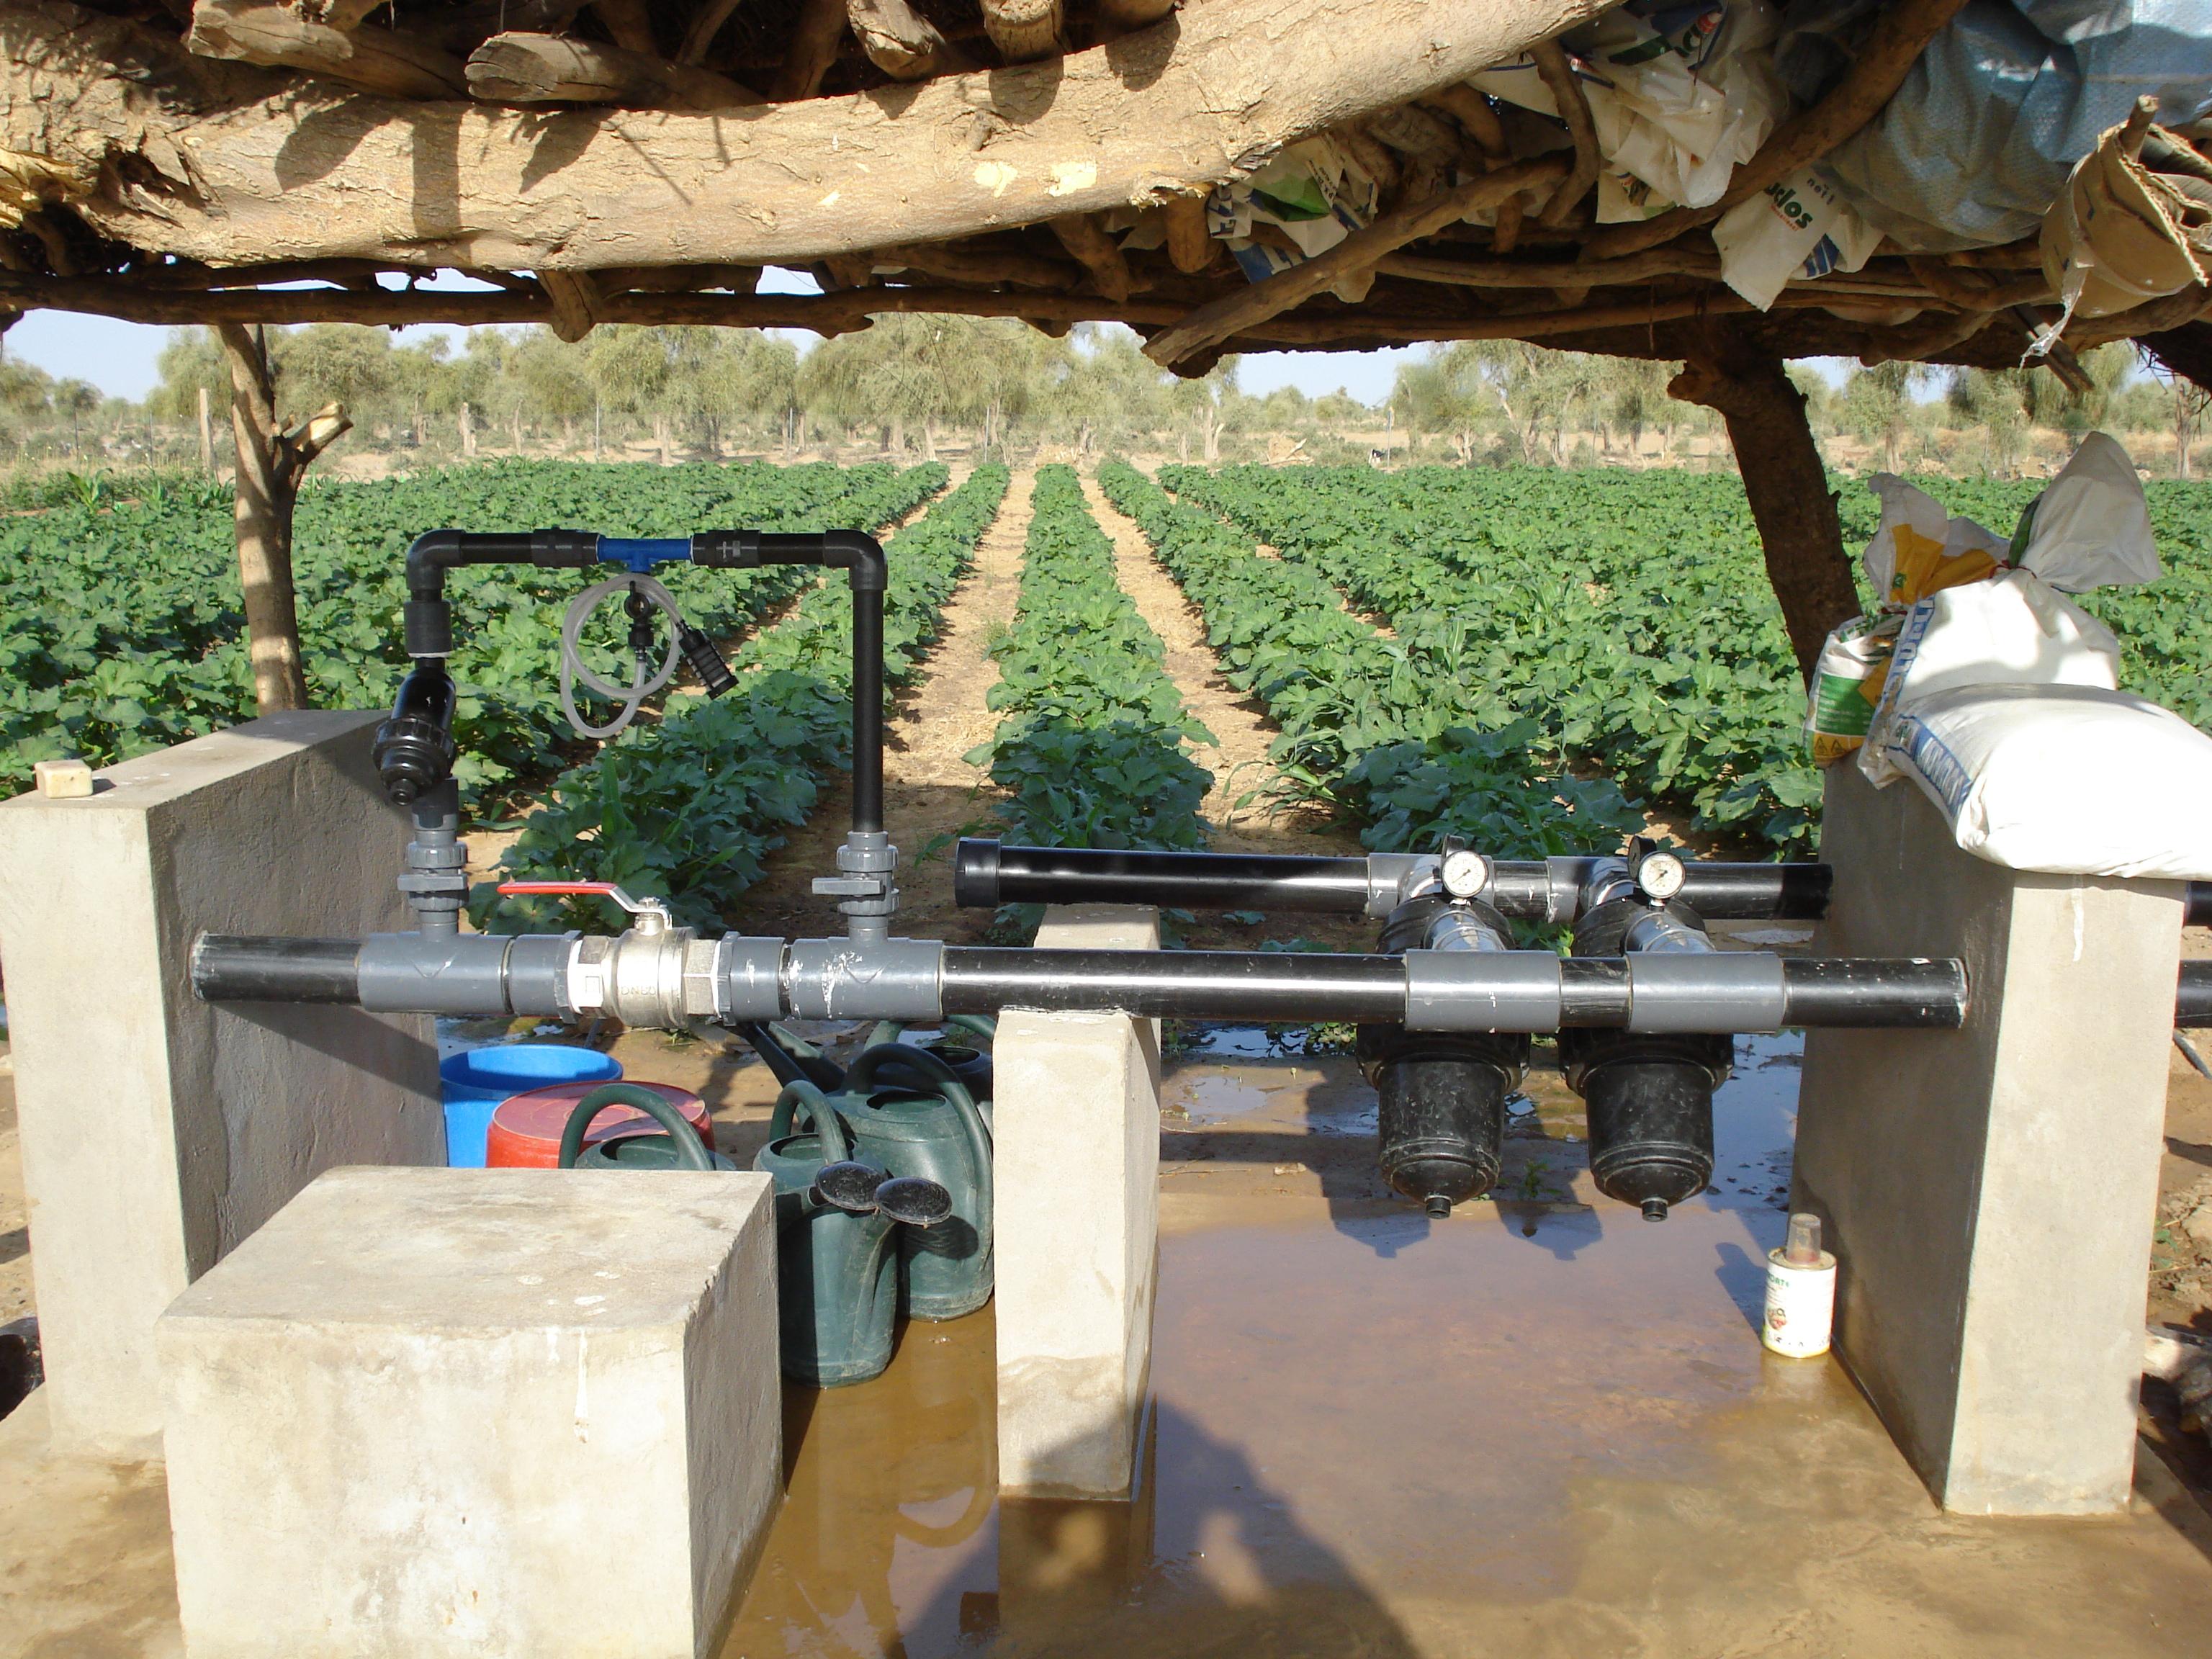 File syst me d 39 irrigation de goutte - Irrigation goutte a goutte ...